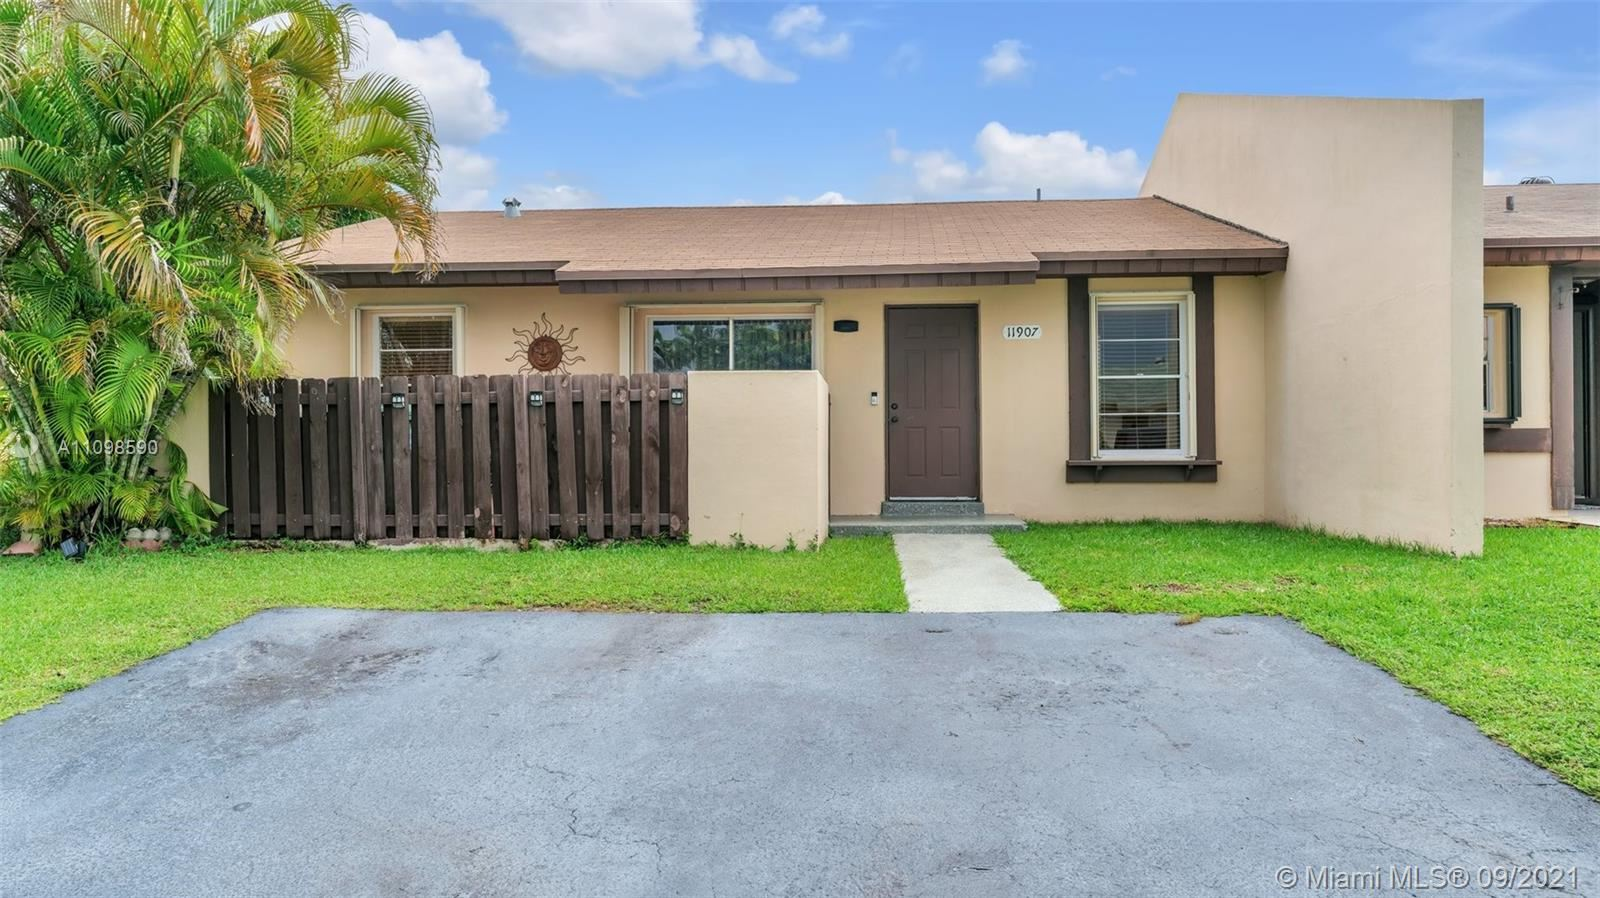 11907 SW 110th Street Cir E, Miami, FL 33186 - #: A11098590